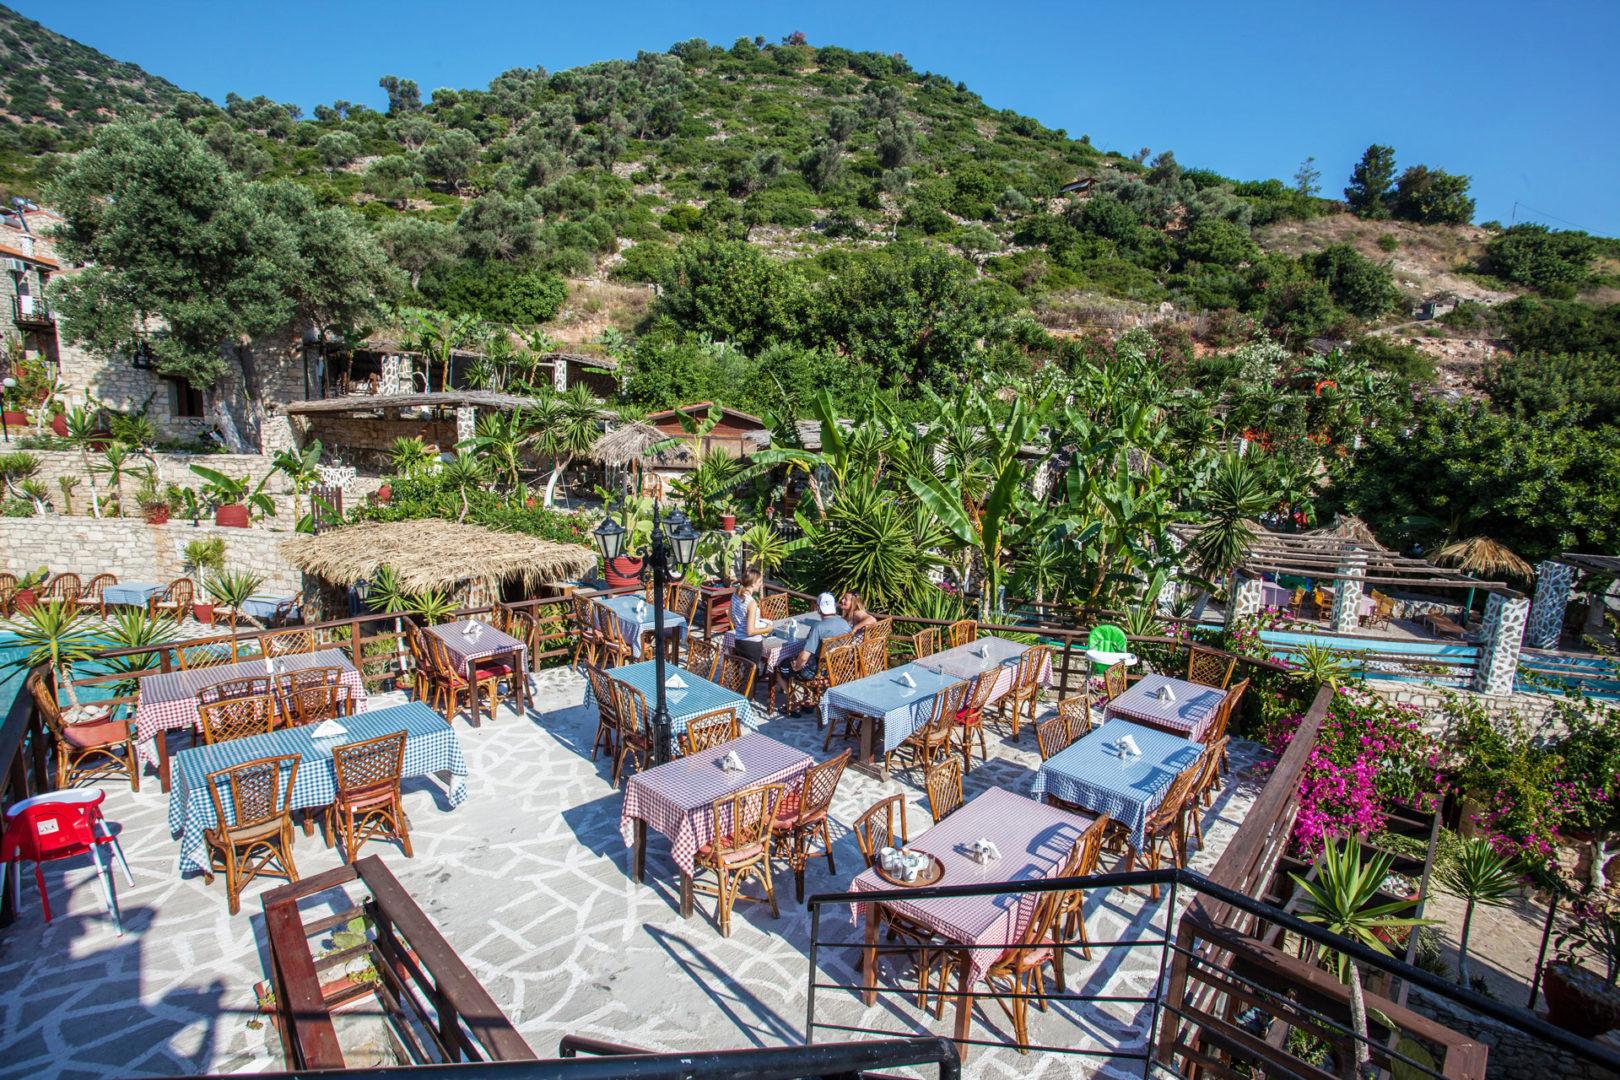 Hotel in Bali Crete - Stone Village - Restaurant 4